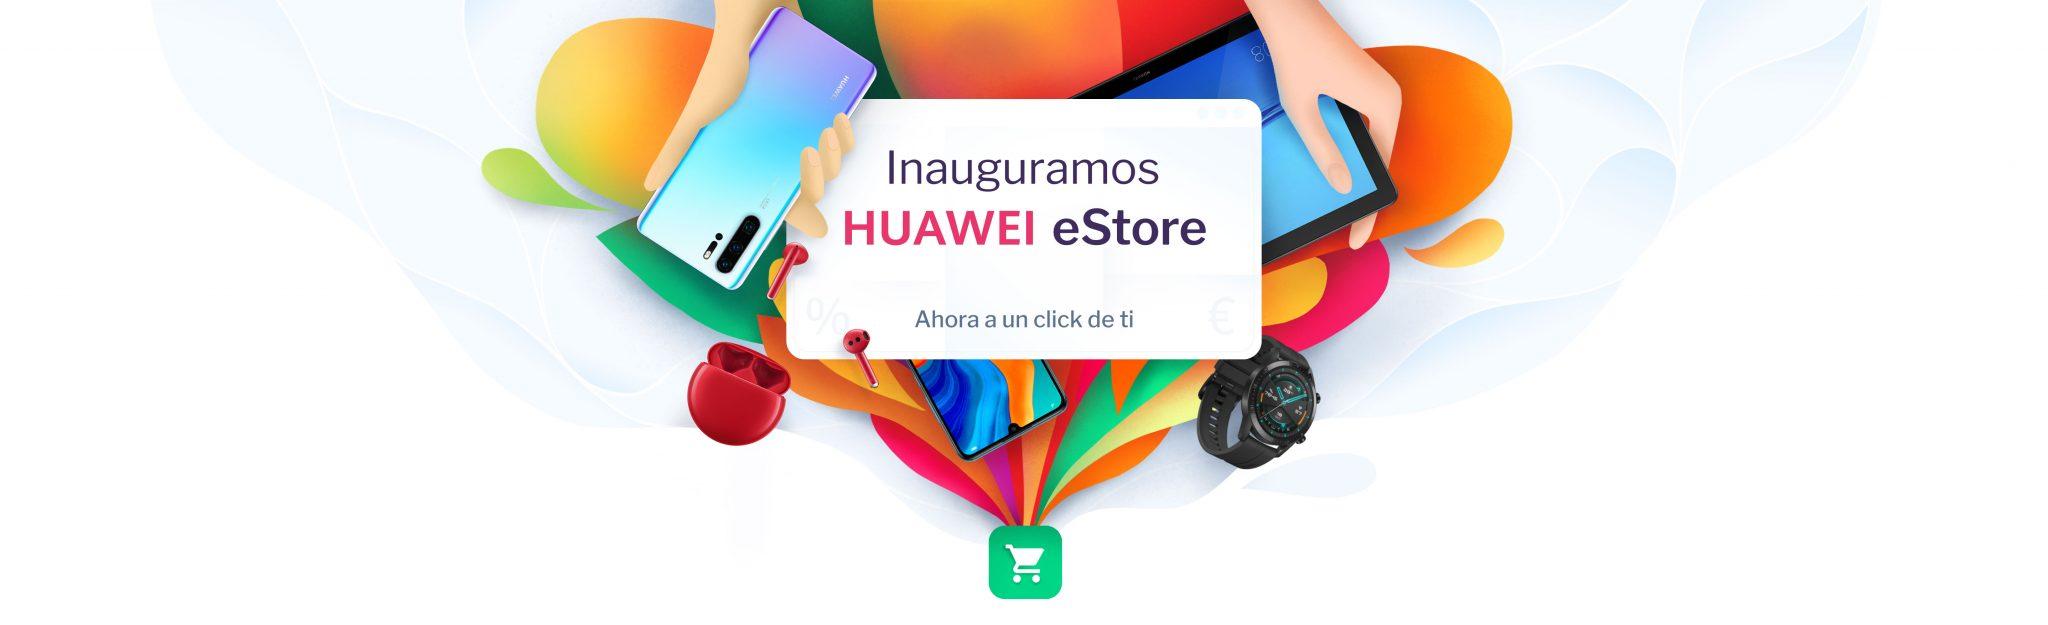 Huawei abrirá su tienda online en España el 2 de marzo